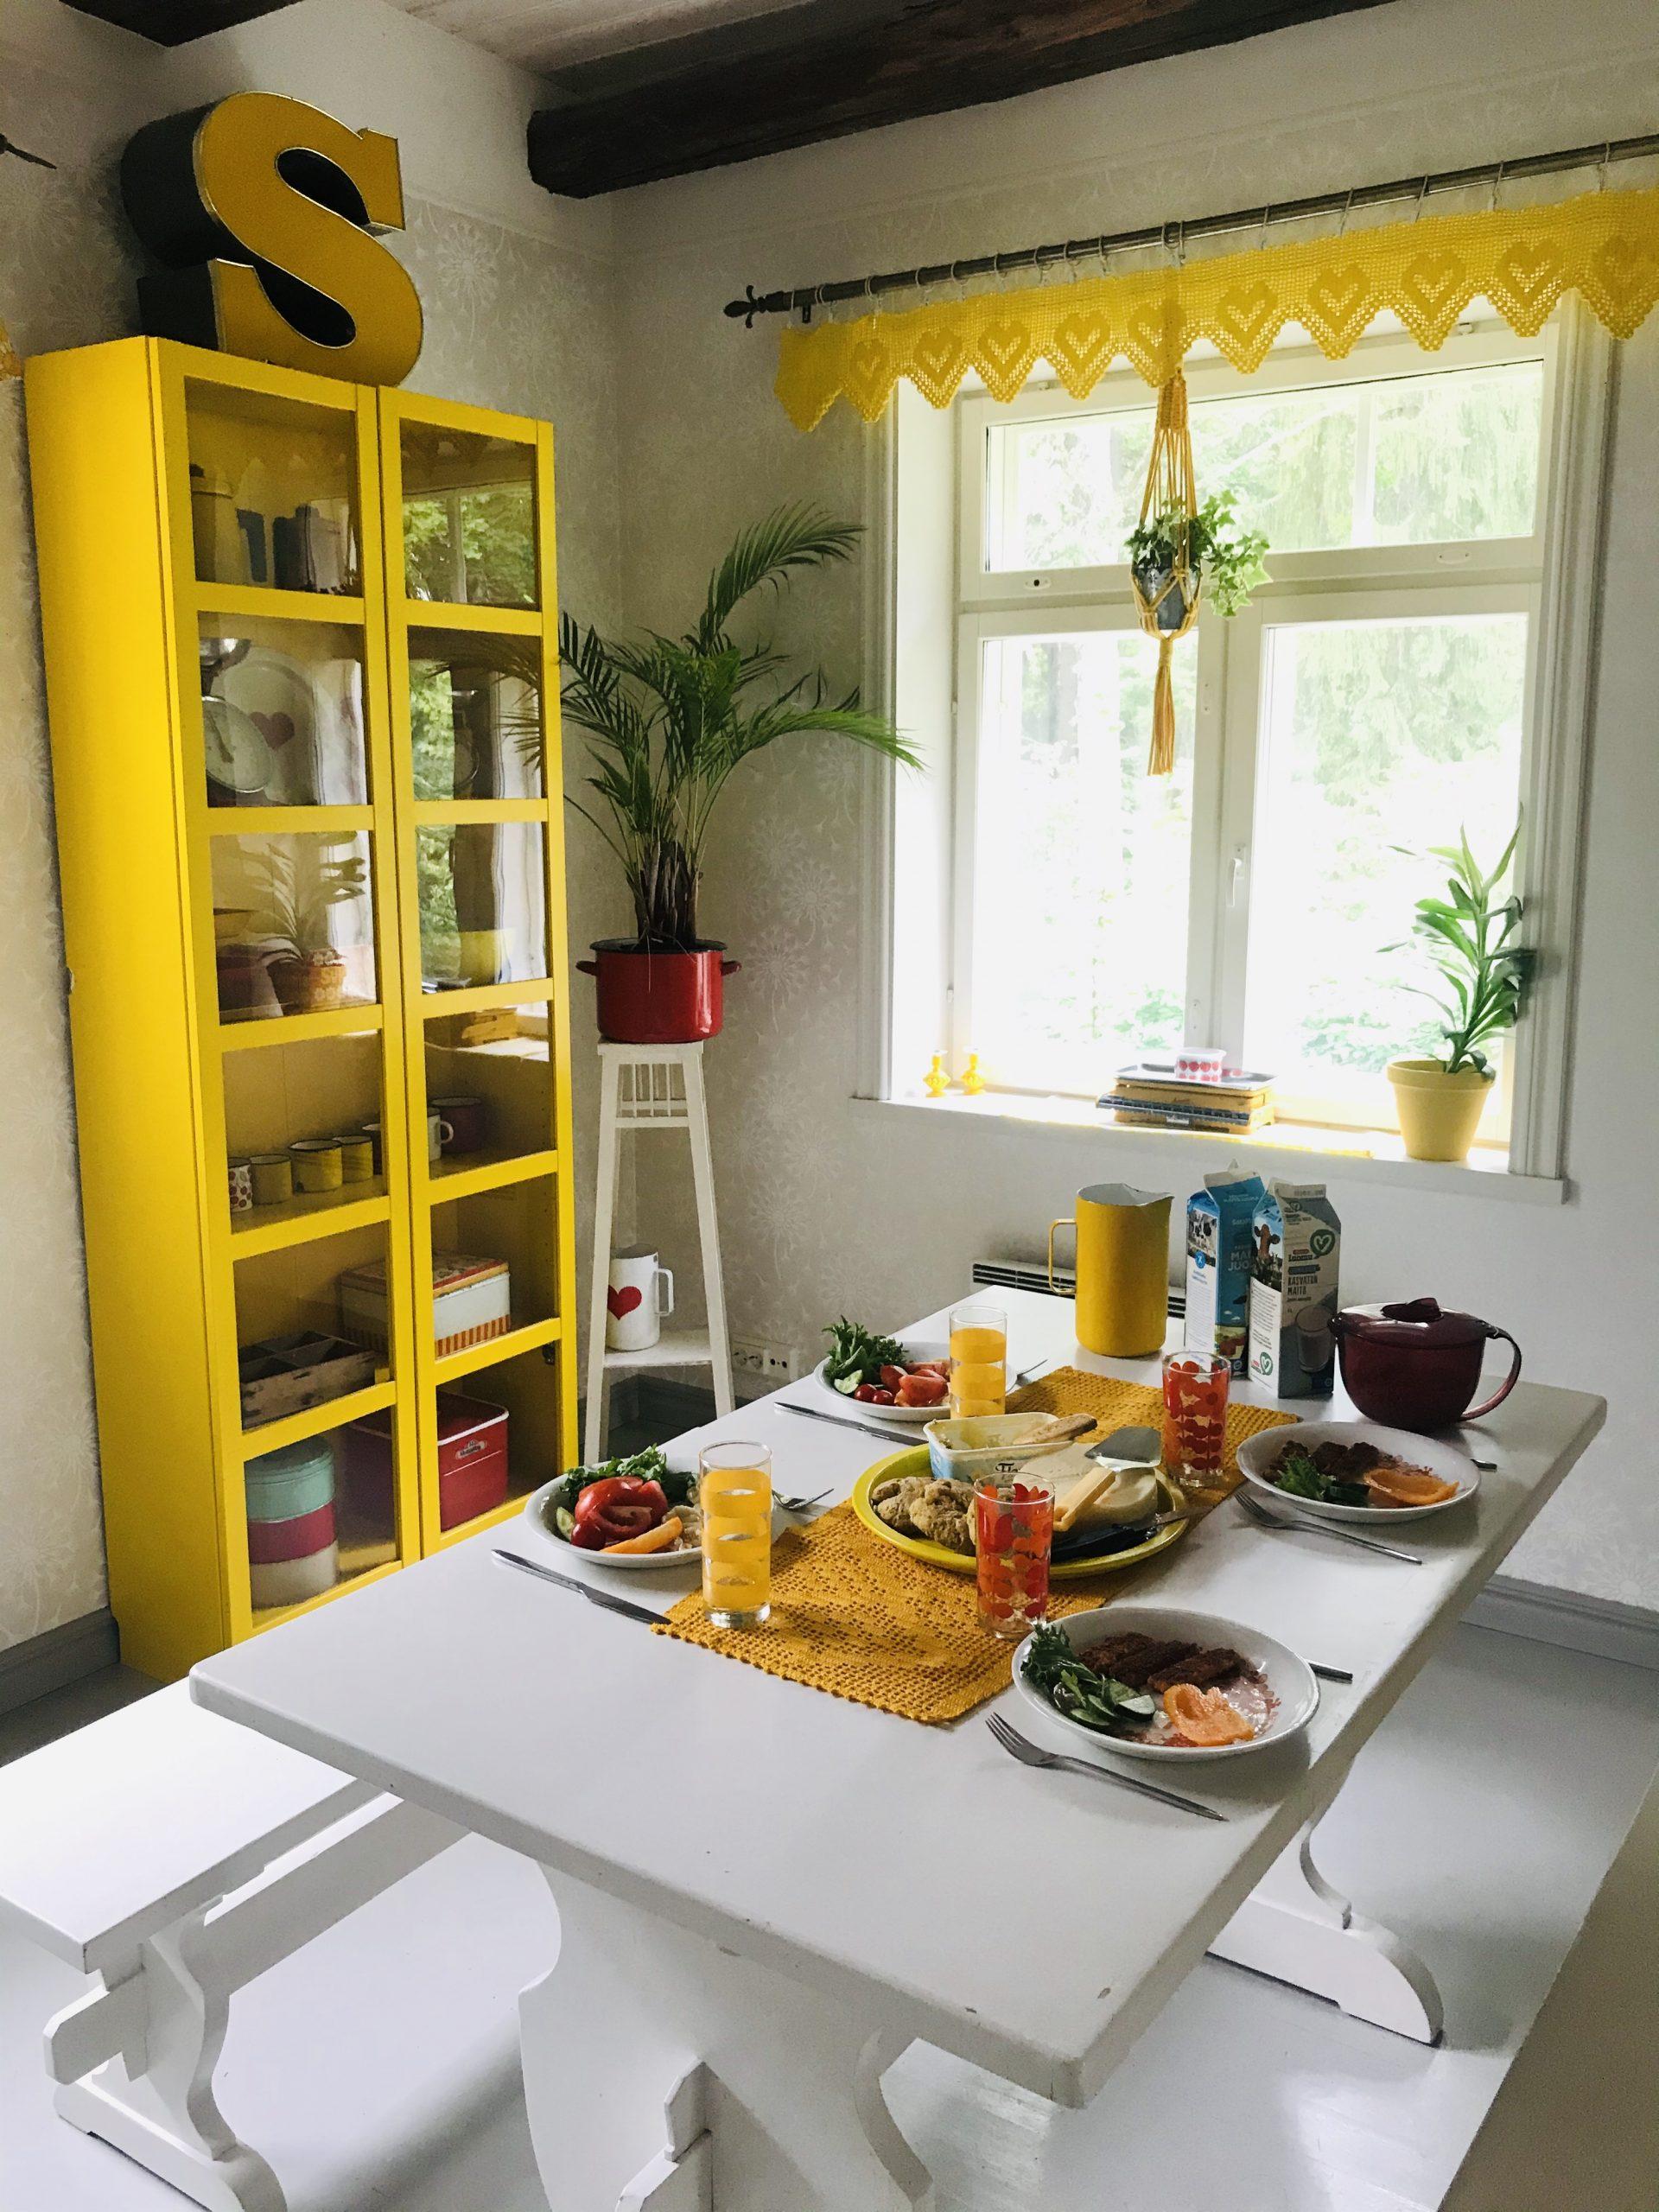 Elluyellow keltainen keittiö, päivällinen katettuna